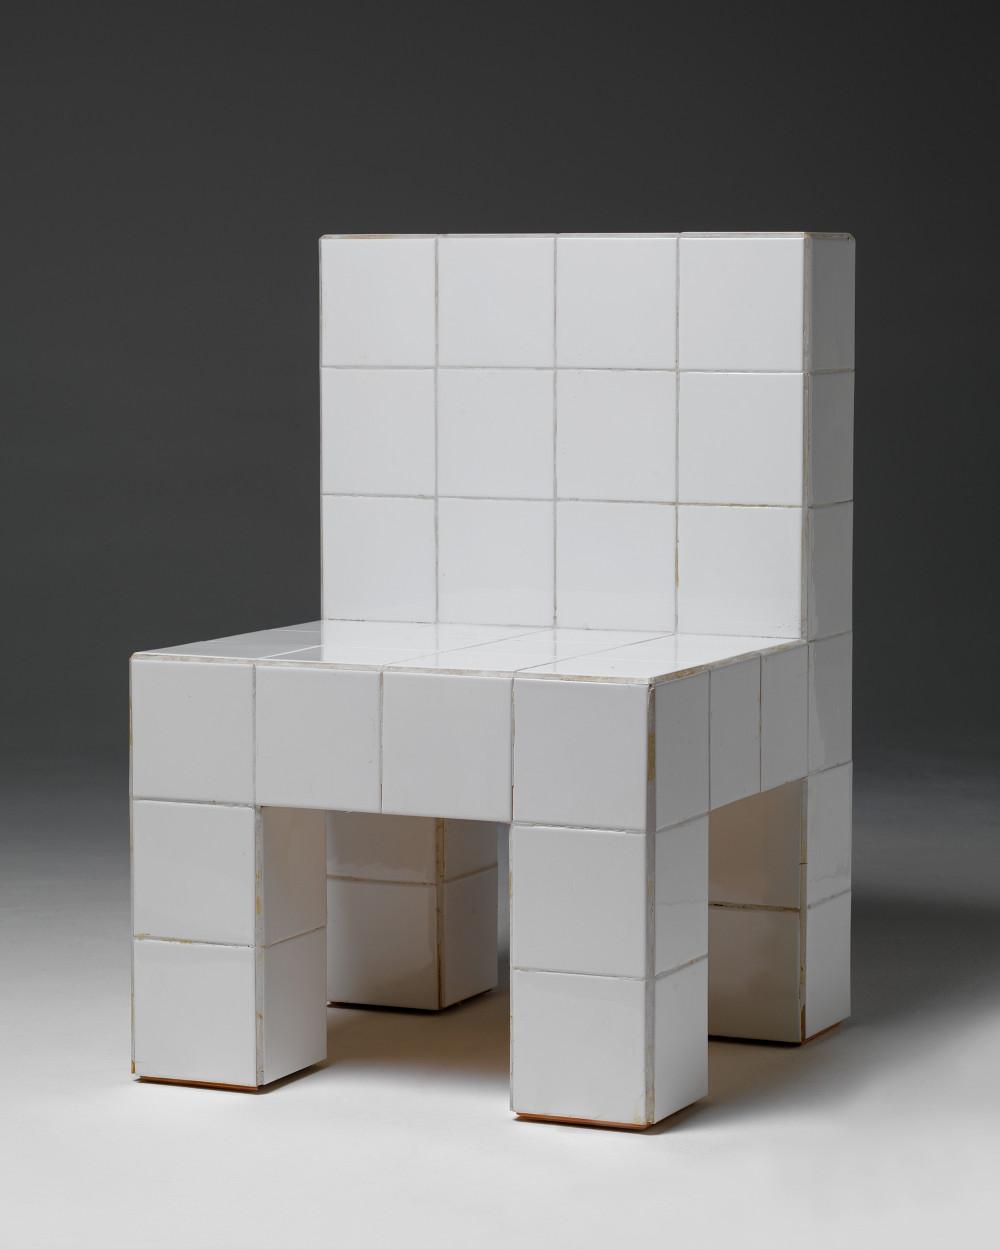 Chaise à carreaux de faience blanc, Biennale de Venise, Italie, 1972© Hans Hollein© Centre Pompidou, MNAM-CCI/Georges Meguerditchian/Dist. RMN-GP